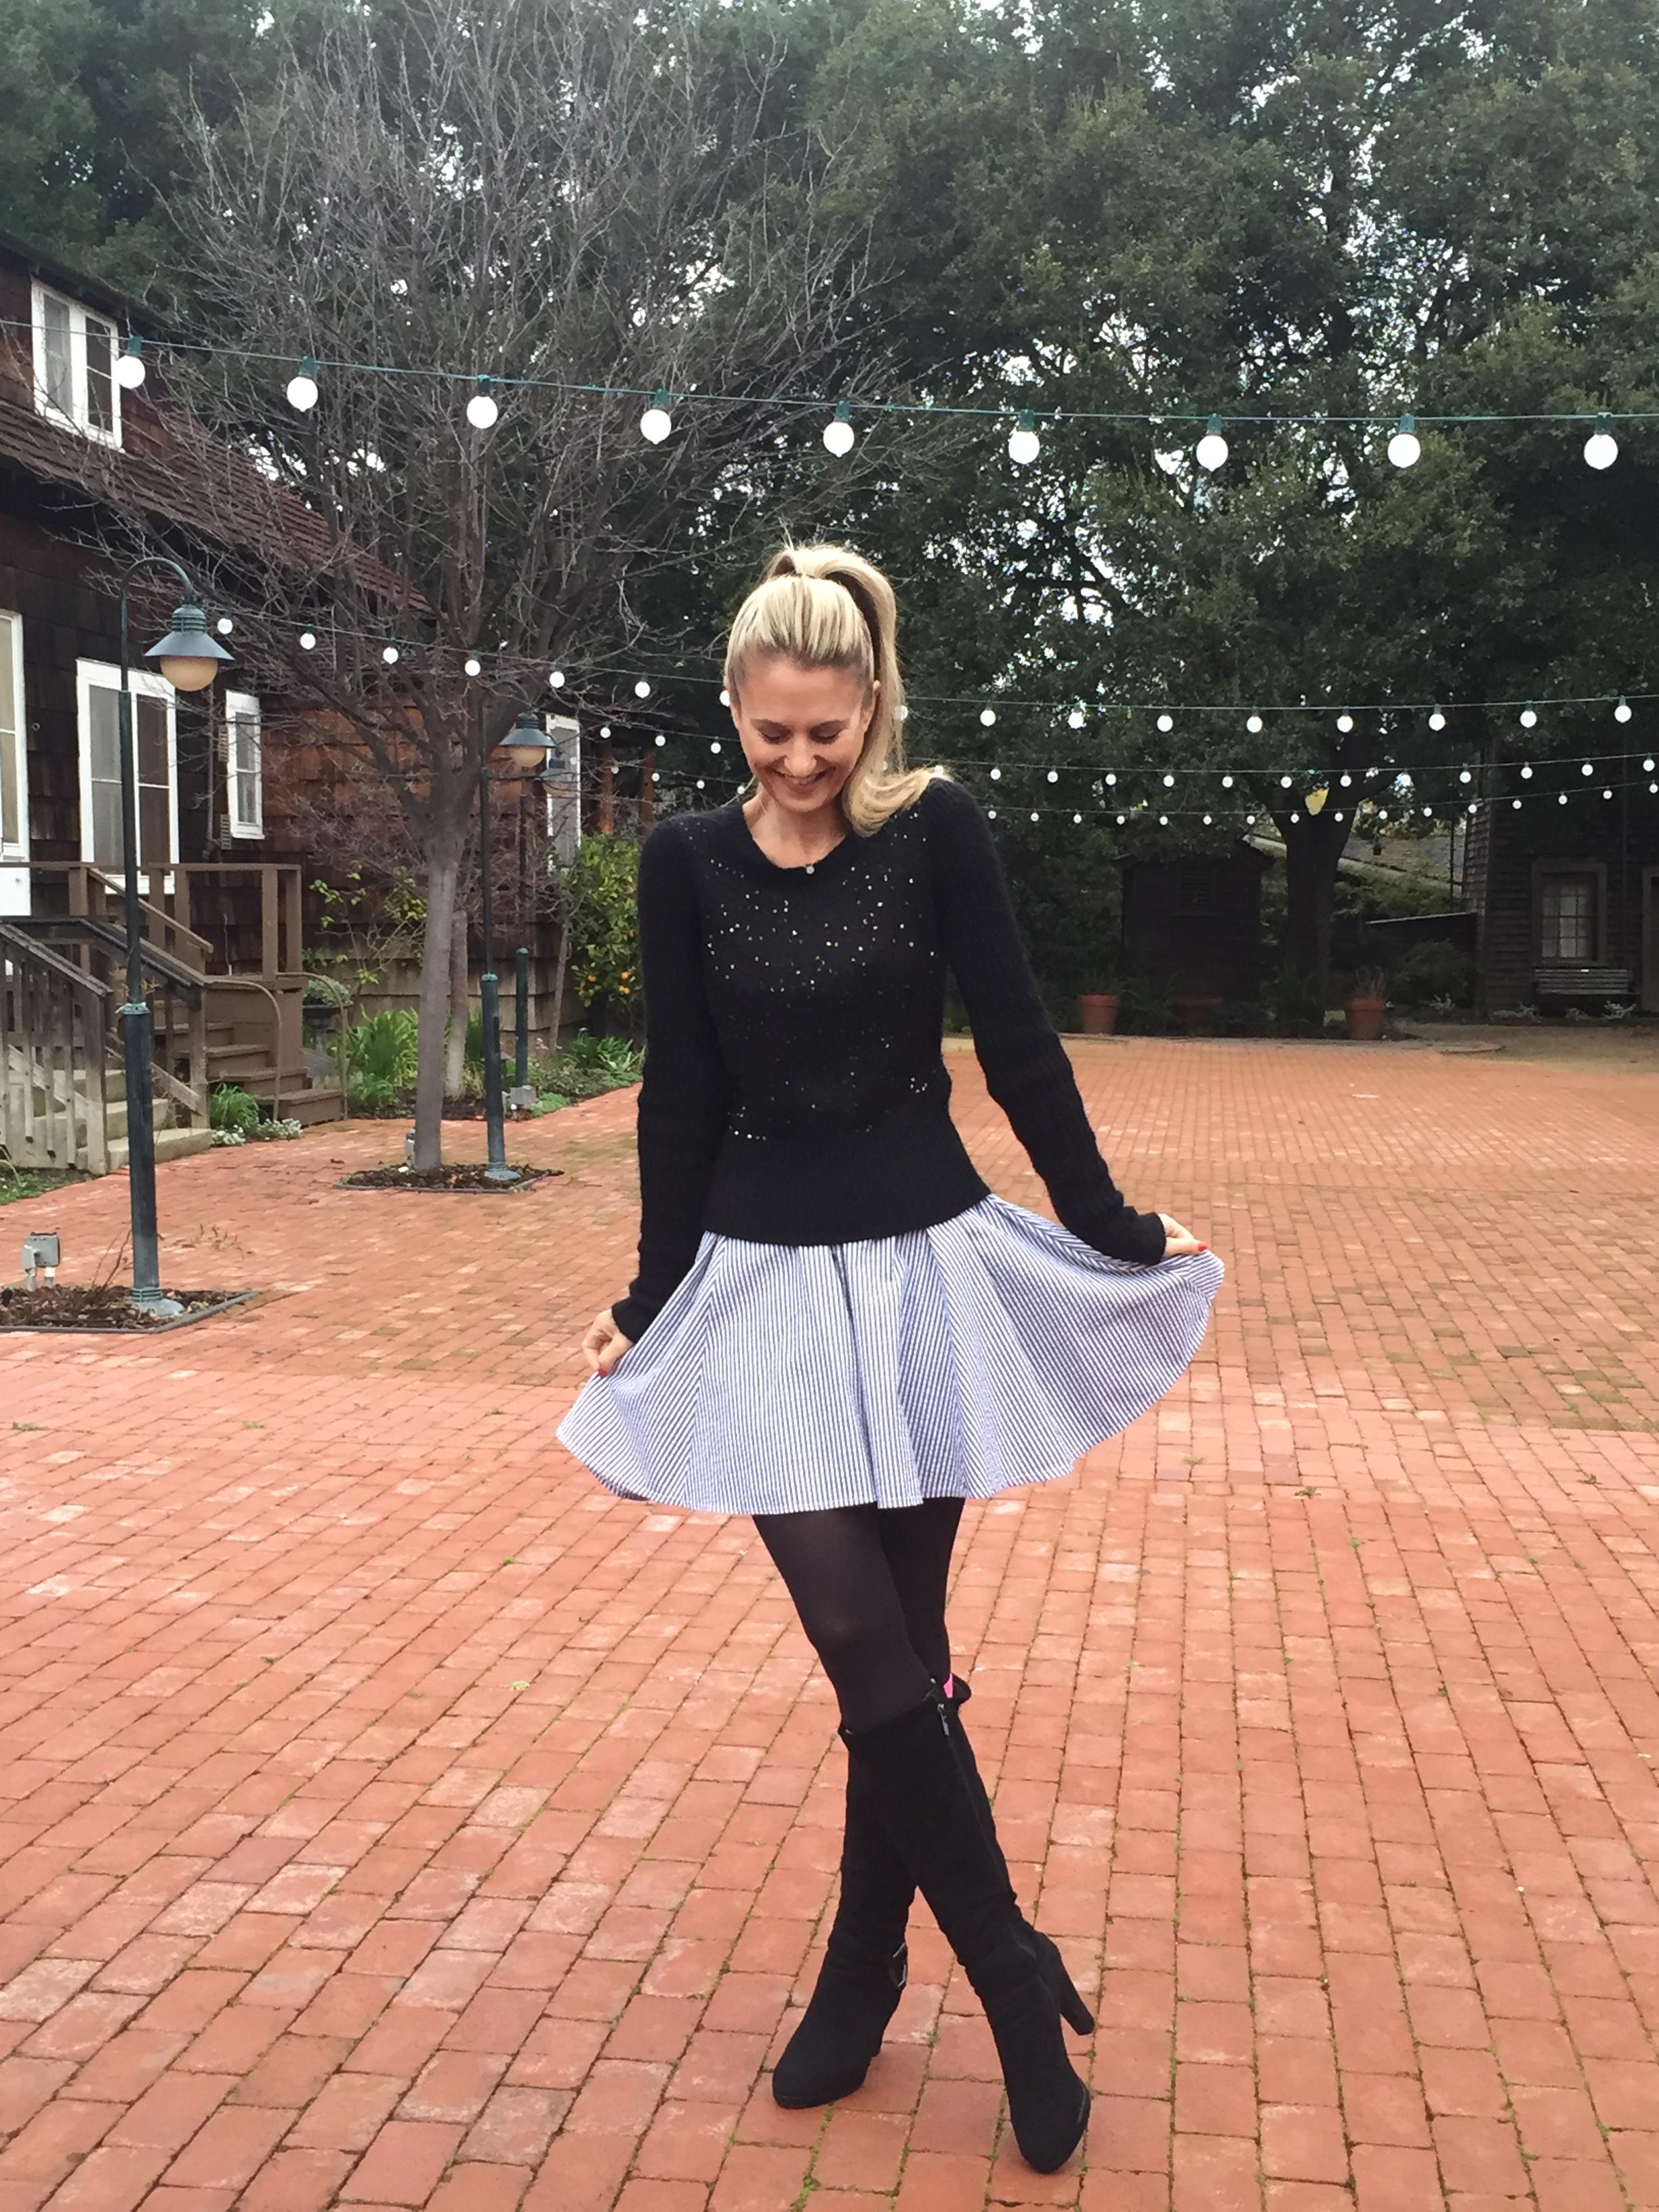 Iva wearing Kate dress by Maegan Tintari